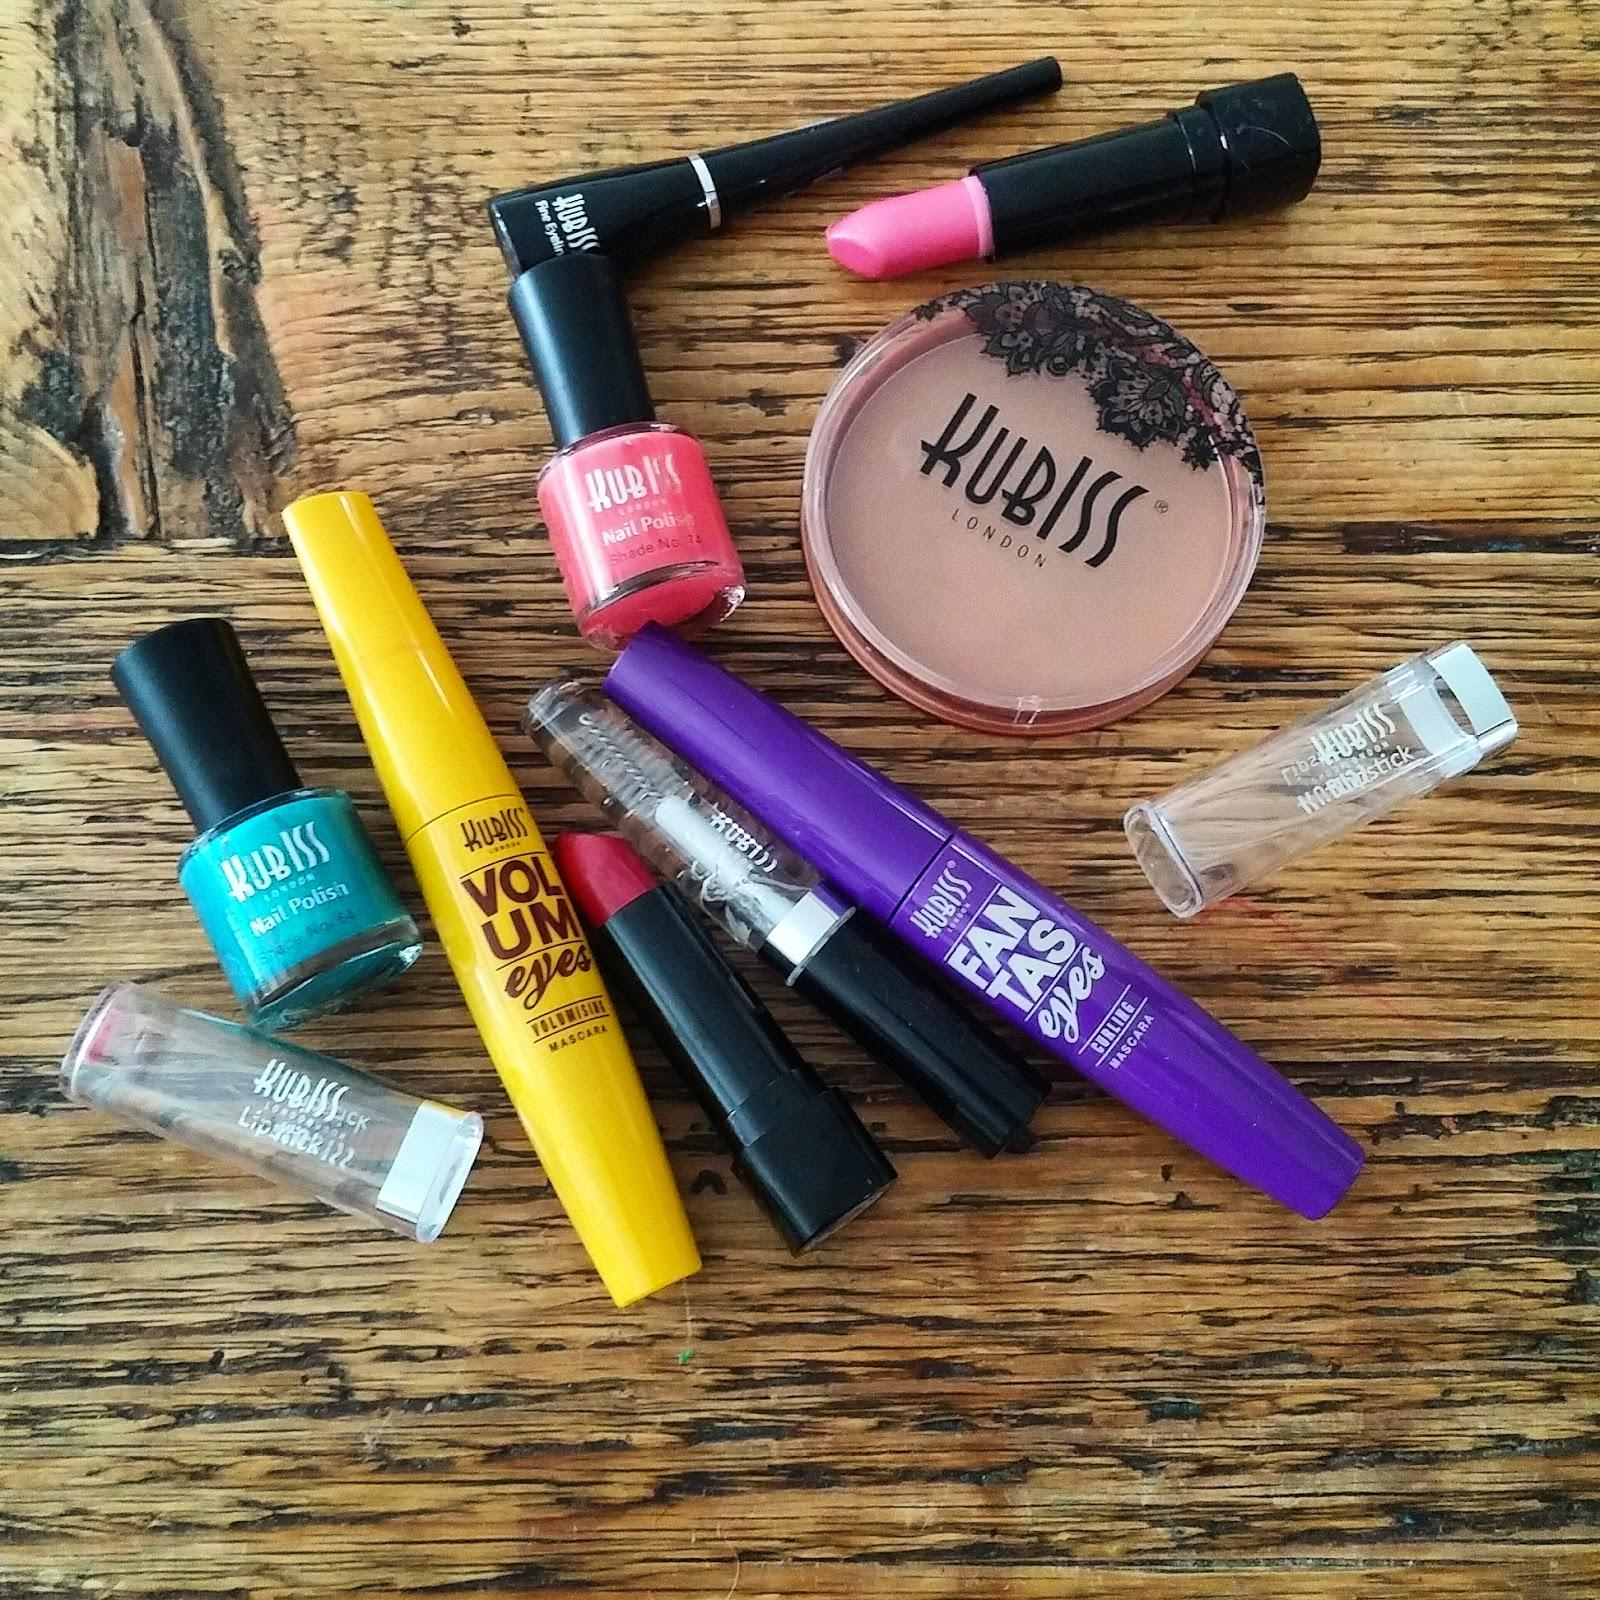 Arvonnassa mahtava meikkipaketti Kubiss London meikkejä!